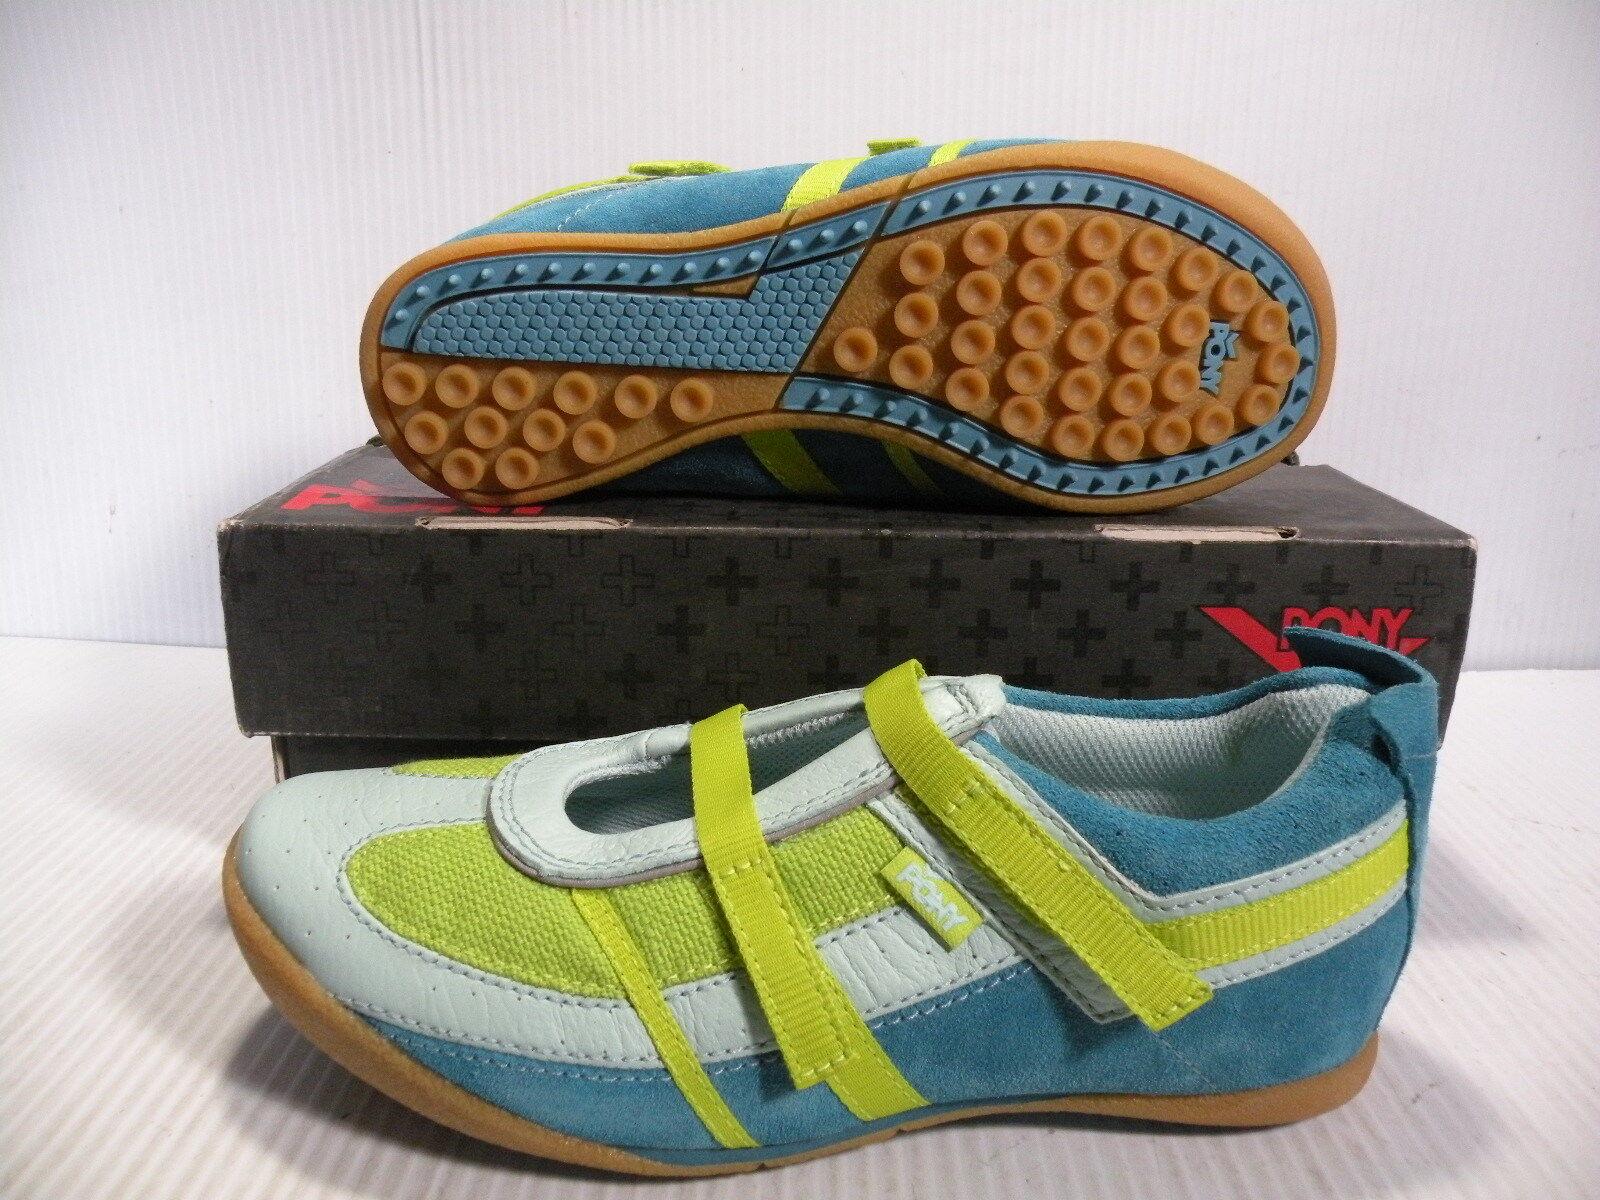 PONY PANACHE LOW CHEVRON scarpe da ginnastica donna scarpe SKY LETTUCE 3103 Dimensione 7.5 NEW